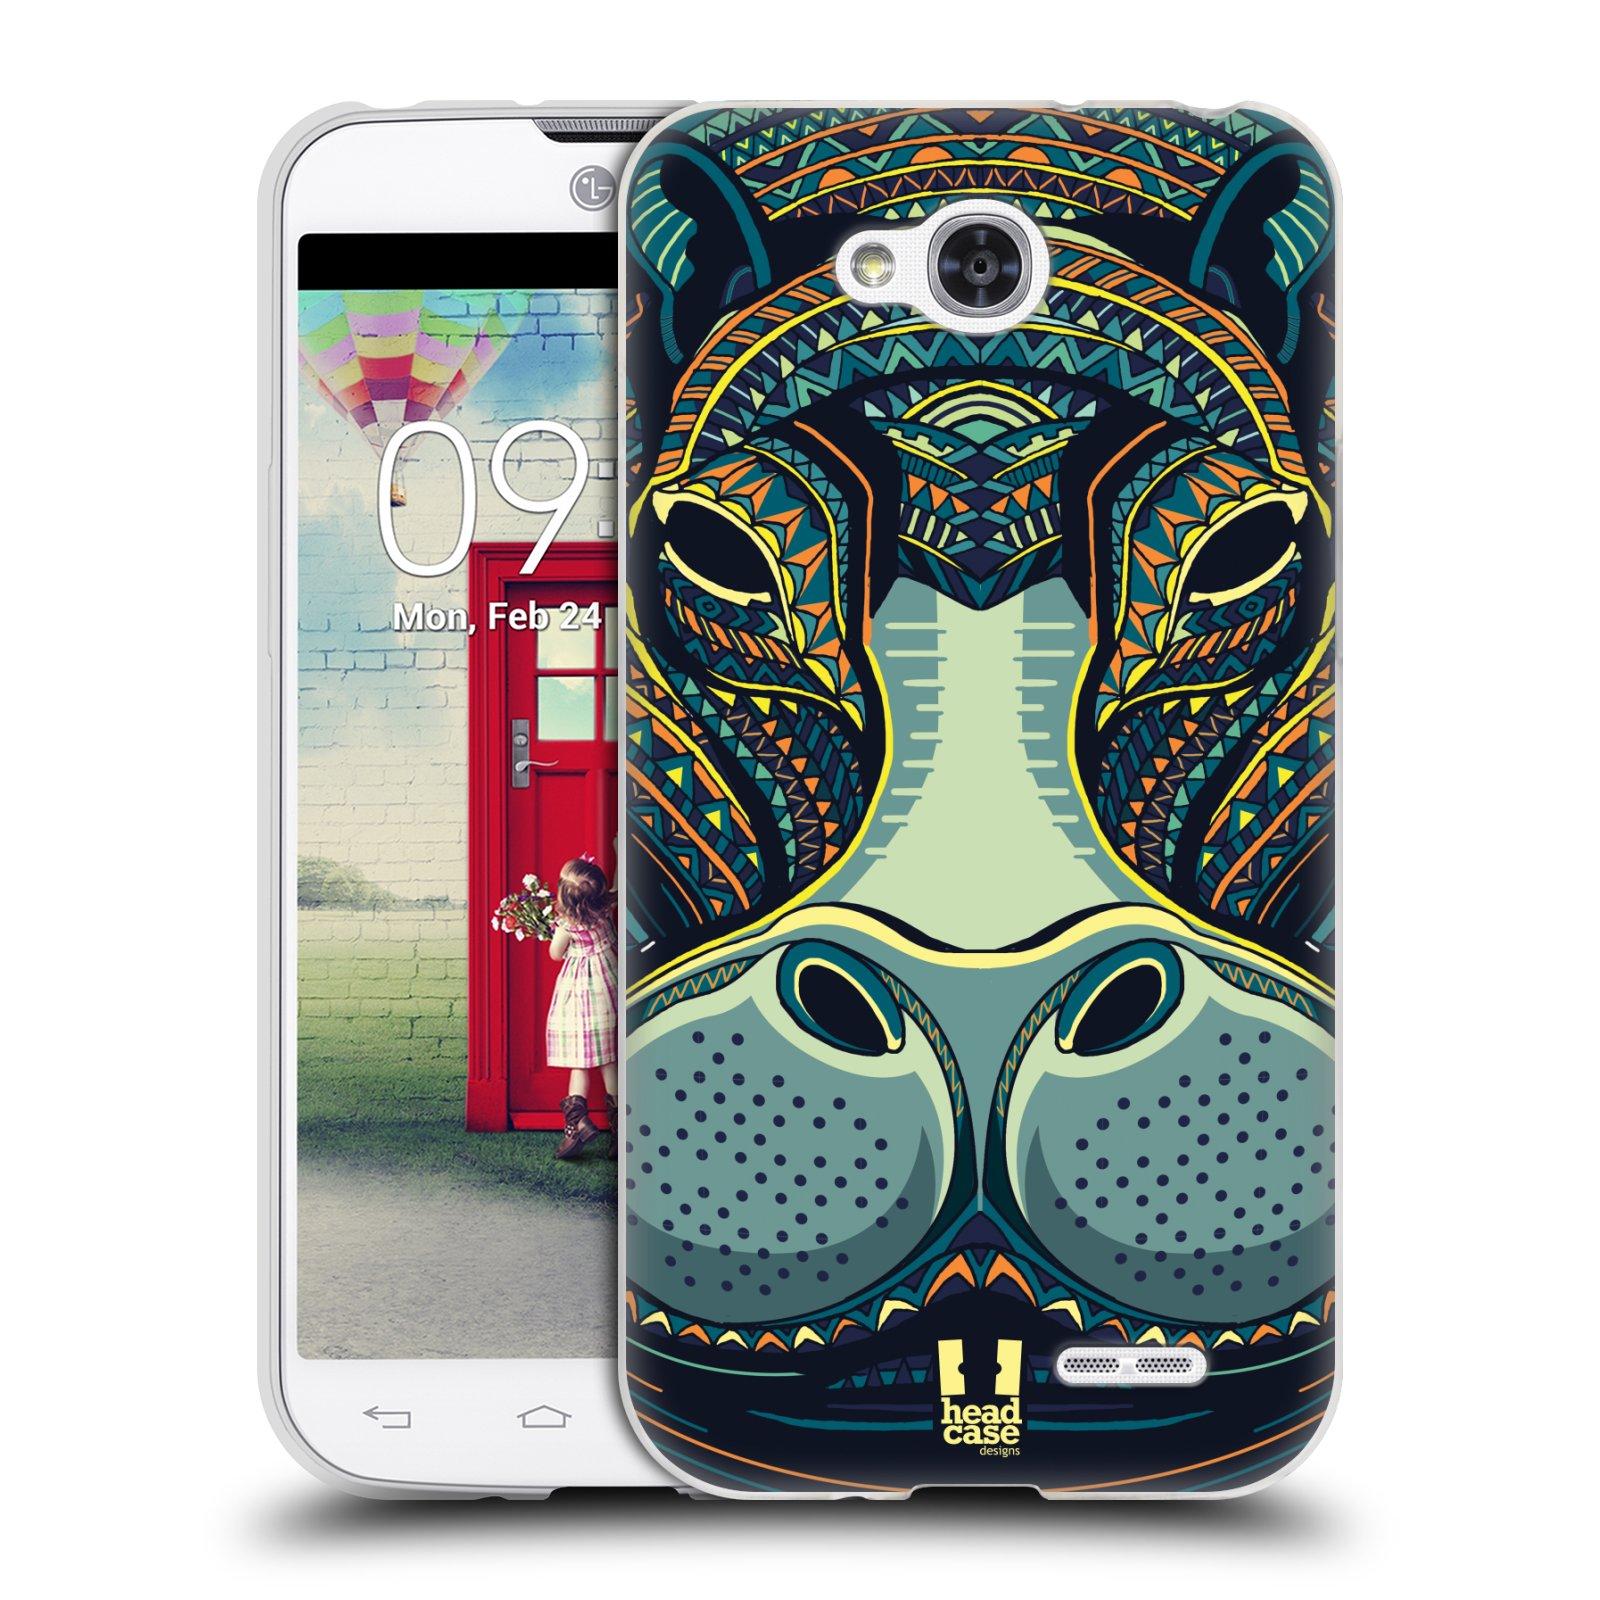 Silikonové pouzdro na mobil LG L90 HEAD CASE AZTEC HROCH (Silikonový kryt či obal na mobilní telefon LG L90 D405n)